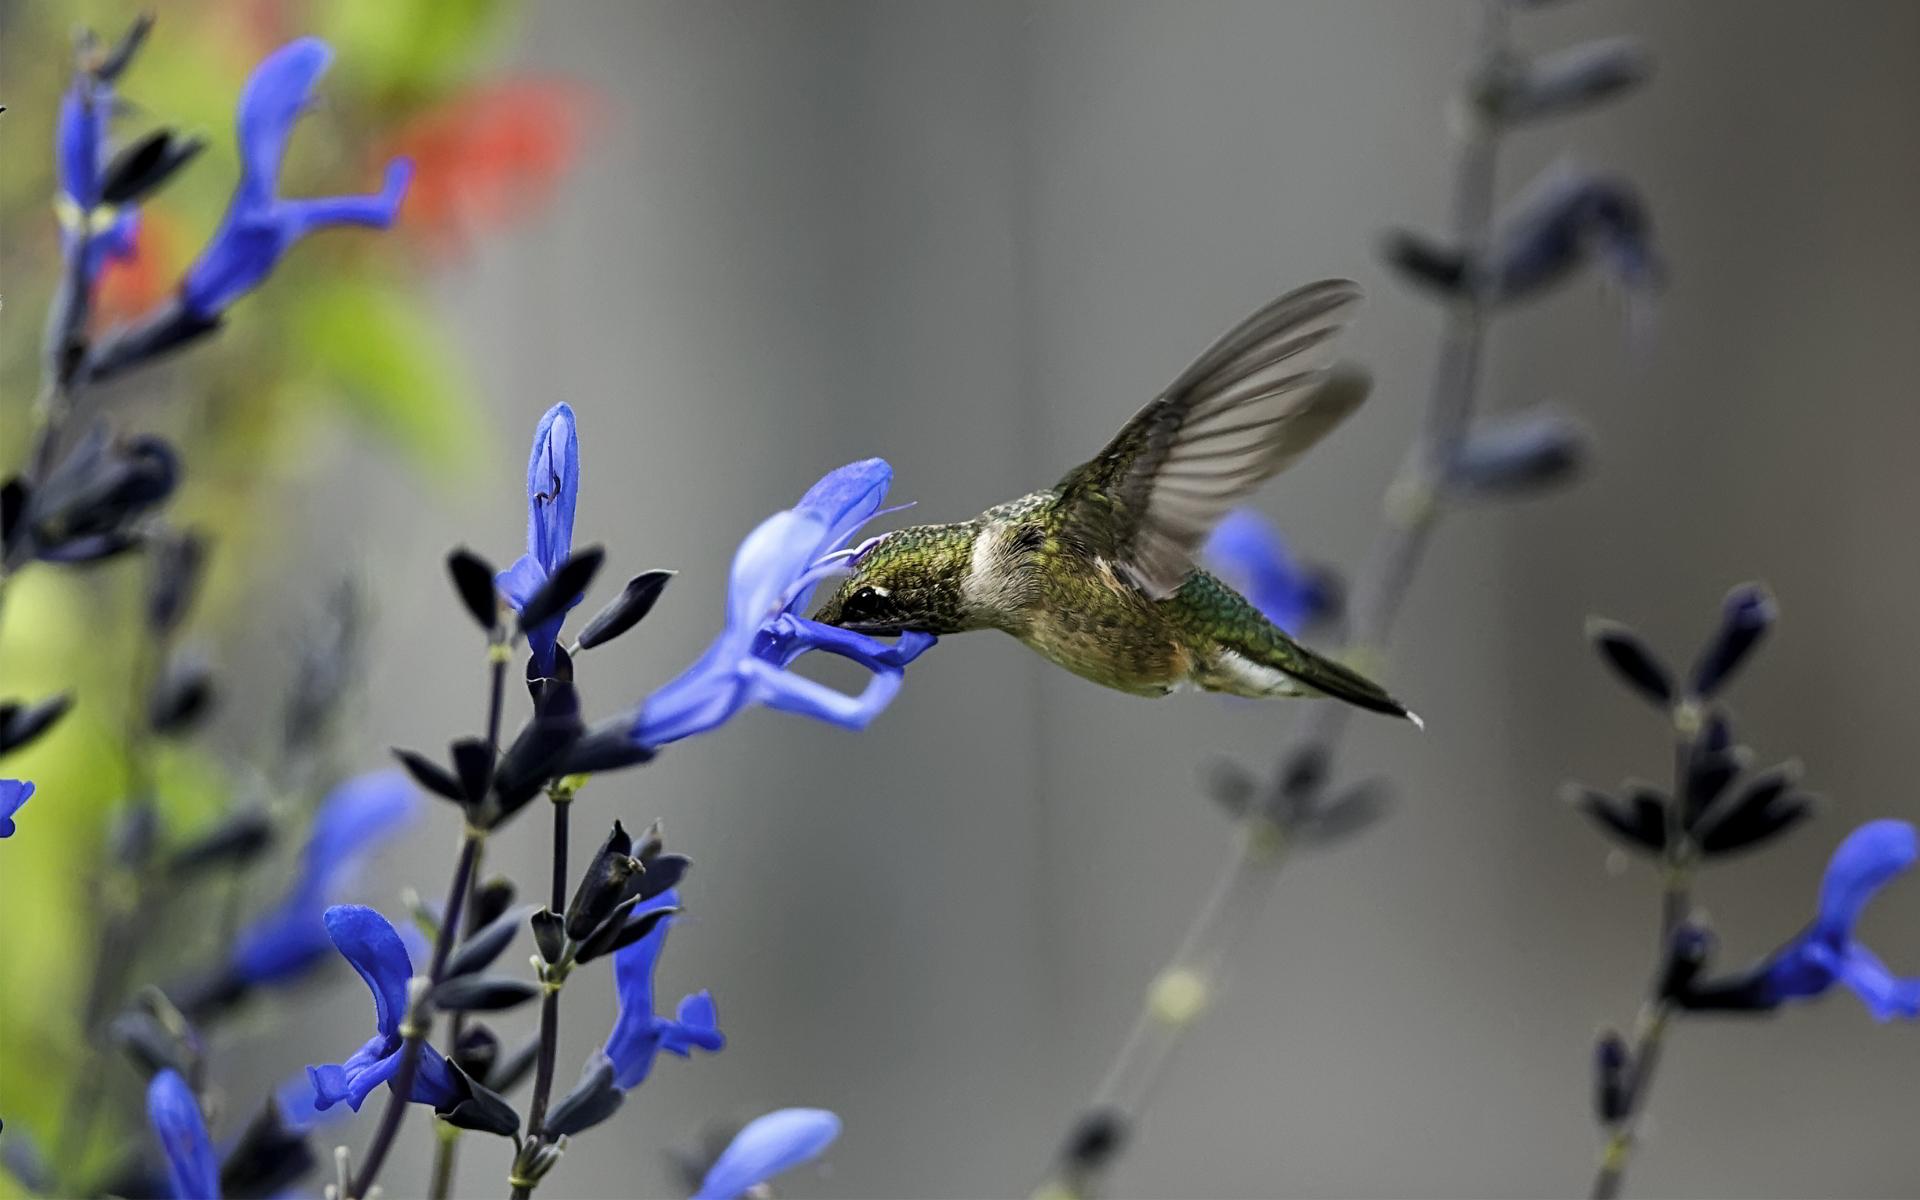 Cute 3d Flower Wallpaper Hummingbird Desktop Backgrounds Hd Desktop Wallpapers